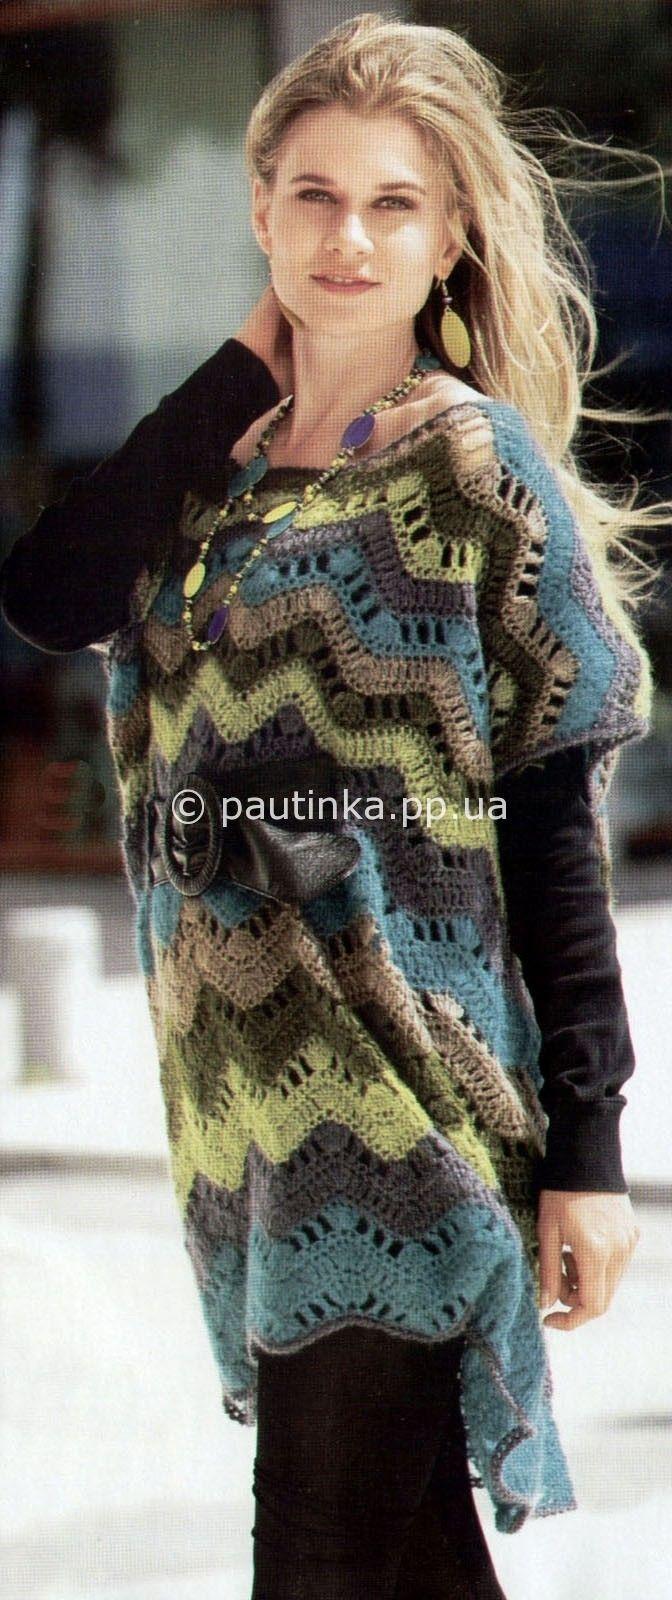 Полосатая кружевная туника | Вязание спицами, крючком, схемы вязания